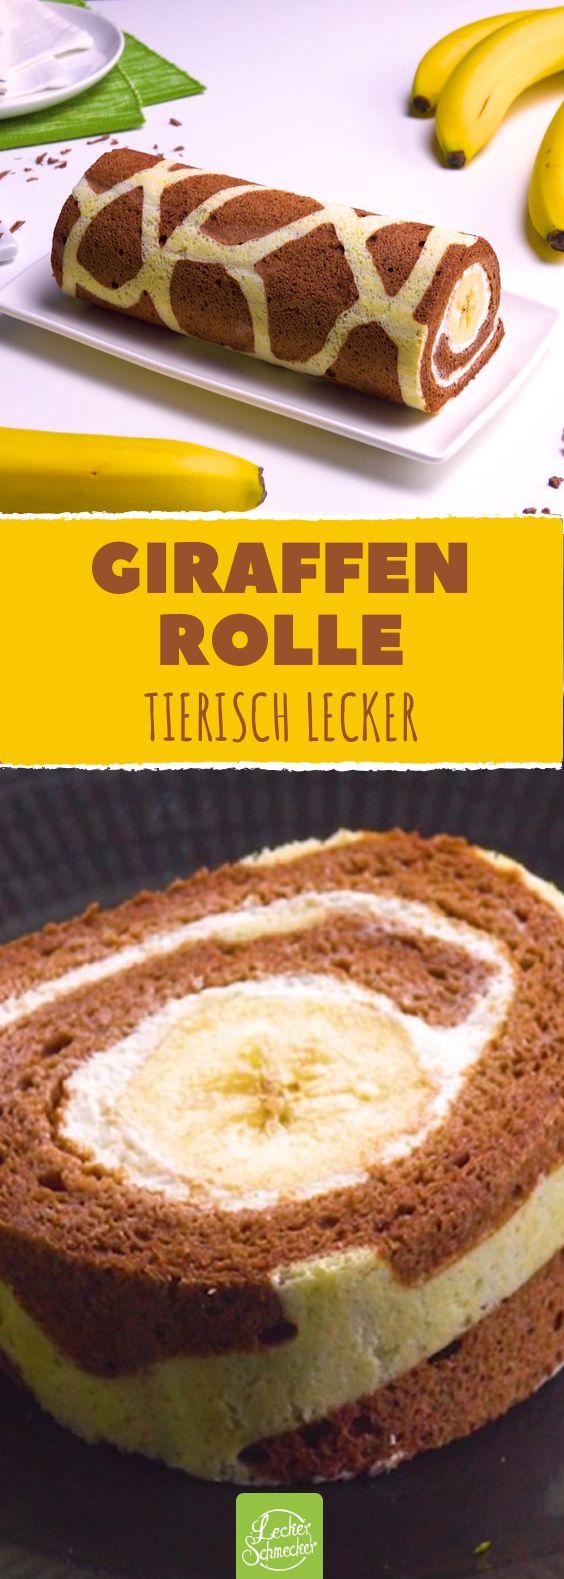 Ein Kuchen Mit Muster Und Kostlicher Bananenfullung Rezept Rezepte Biskuit Rolle Giraffe Rollkuchen Kuchen Und Torten Rezepte Kuchen Ohne Backen